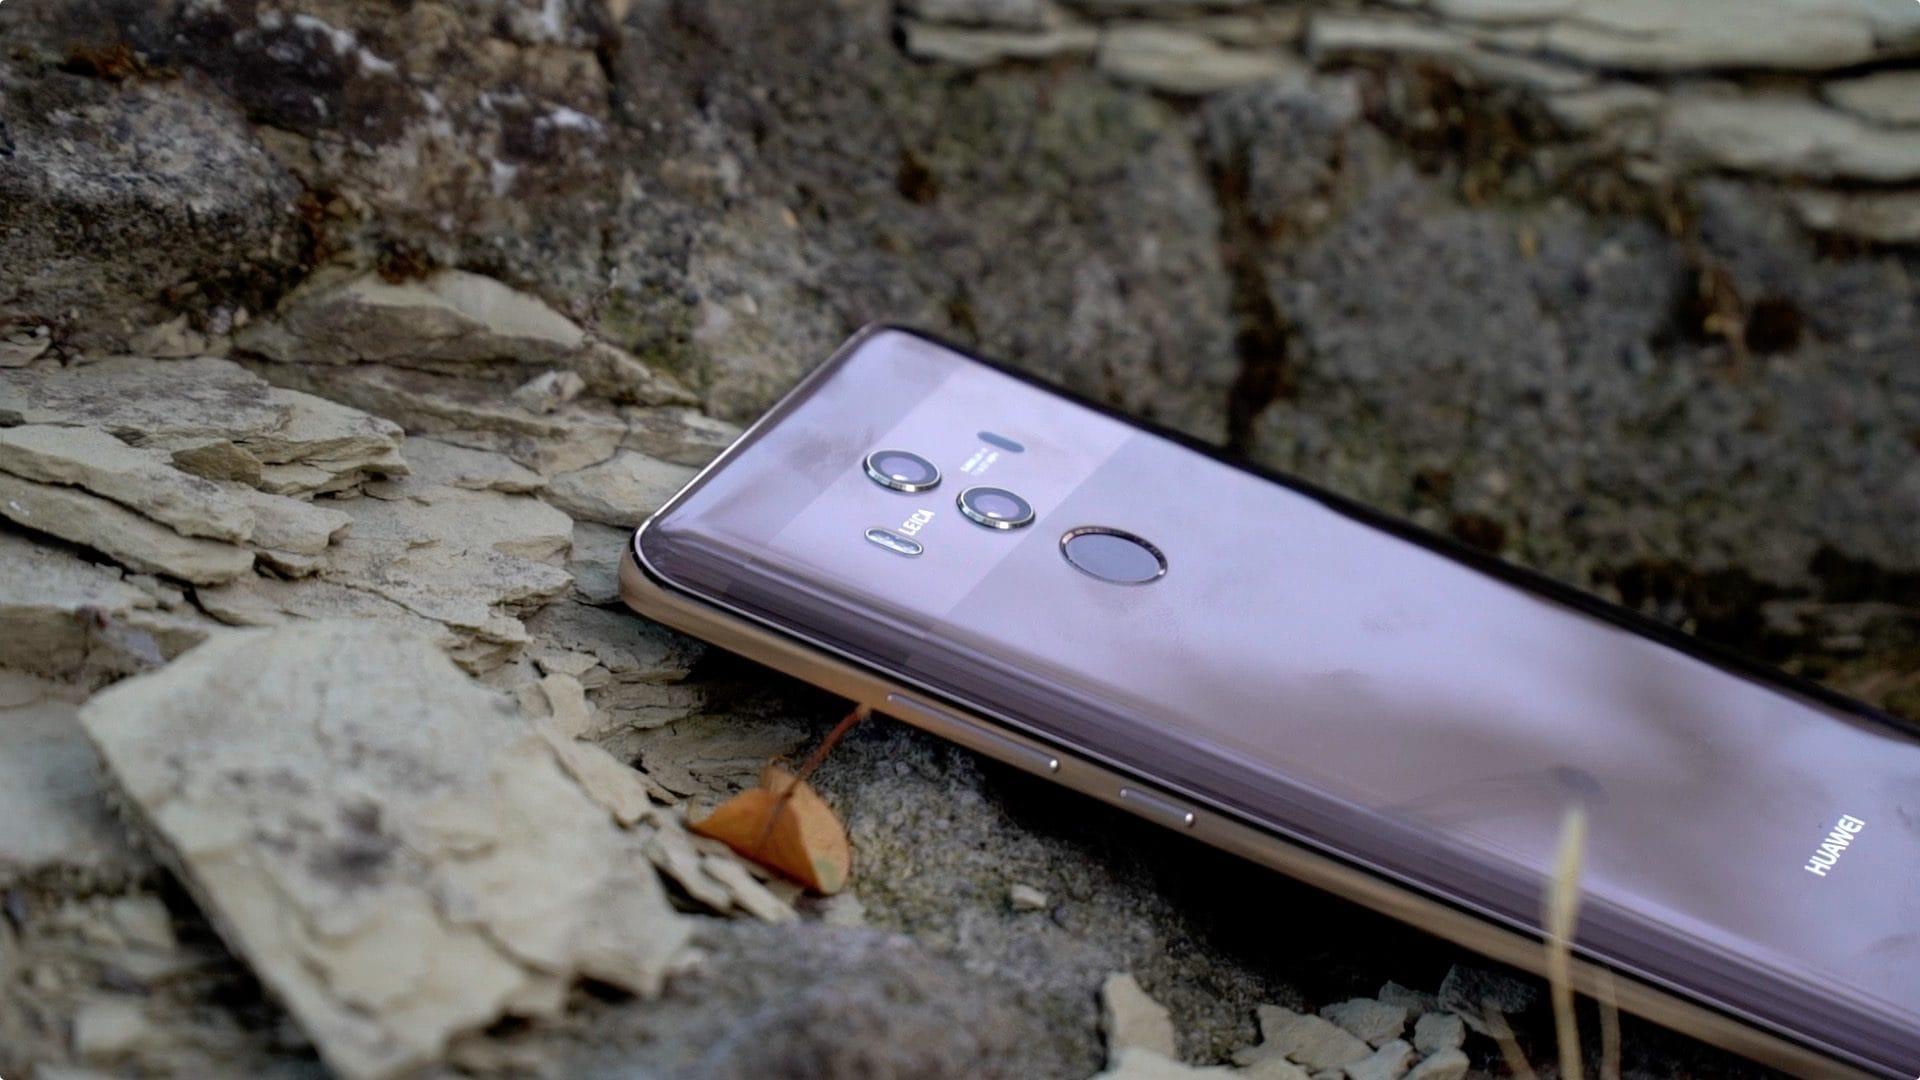 Recensione Huawei Mate 10 Pro: caratteristiche, prezzo e data di vendita in Italia